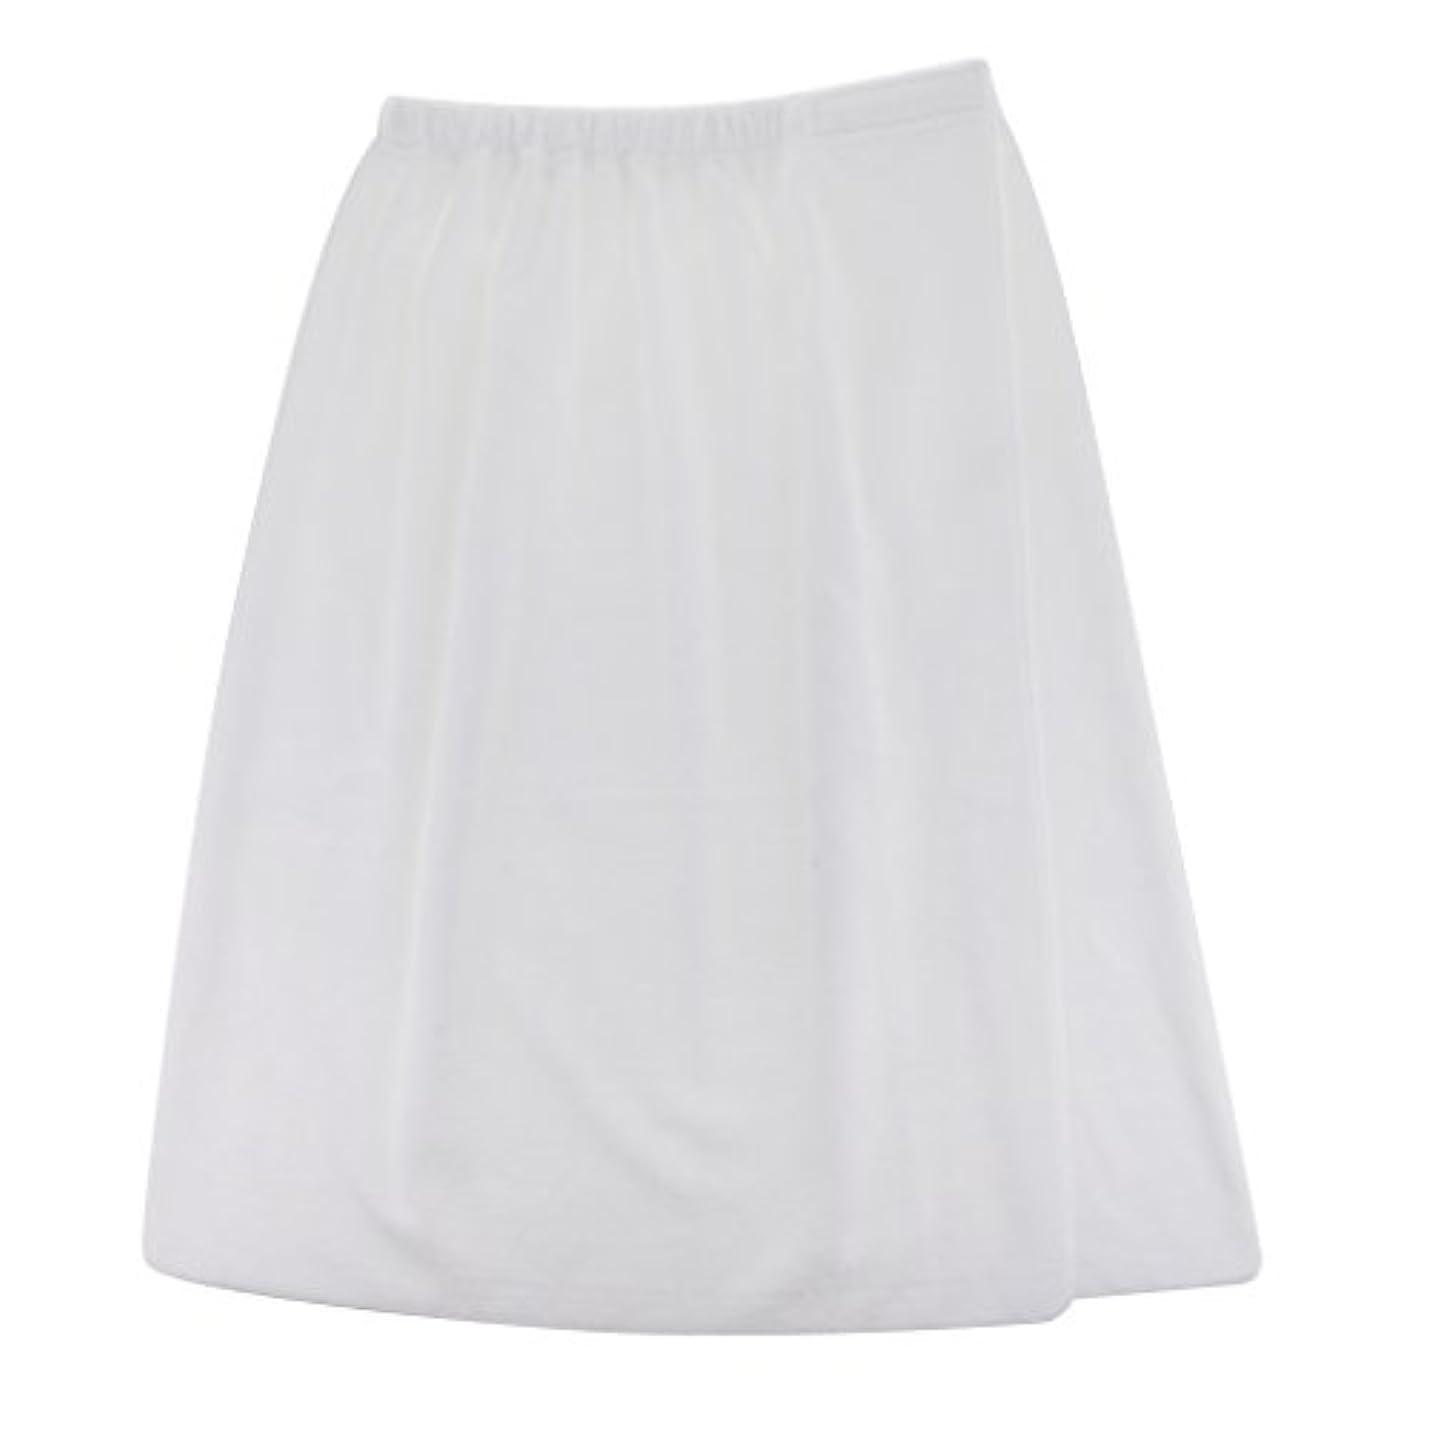 興奮するカウントアップの中でタオルラップ 女性 吸収性 マイクロファイバー シャワー スパ ボディラップ バスタオル 140x72cm 2色選べる - 白